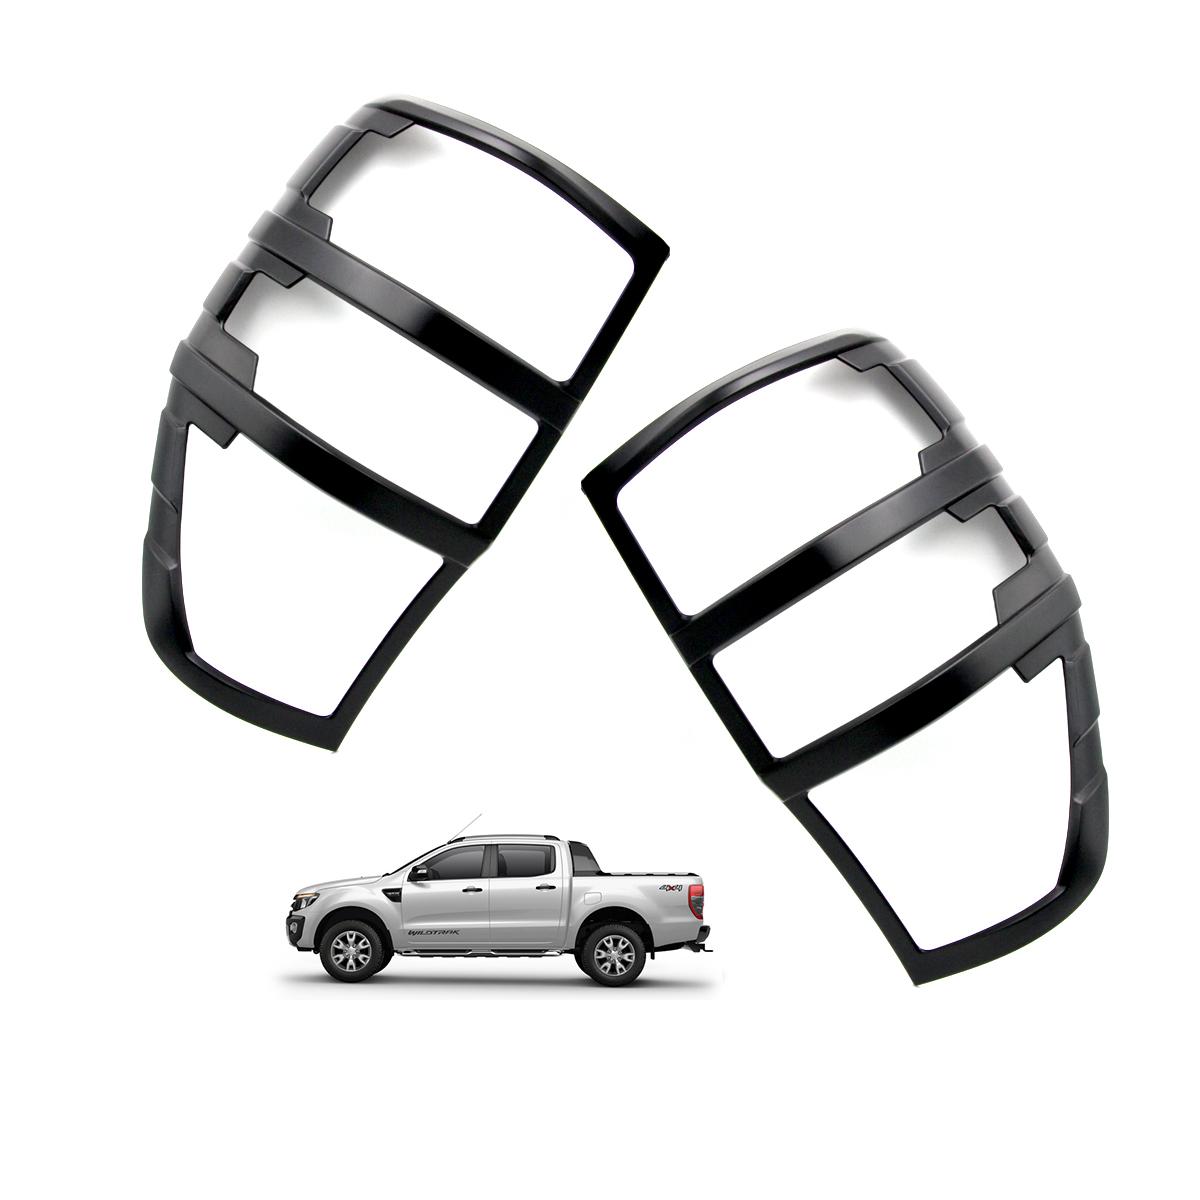 Rear Tail Lamp Light Cover Trim Matte Black For Ford Ranger T6 Pickup 2012 2018